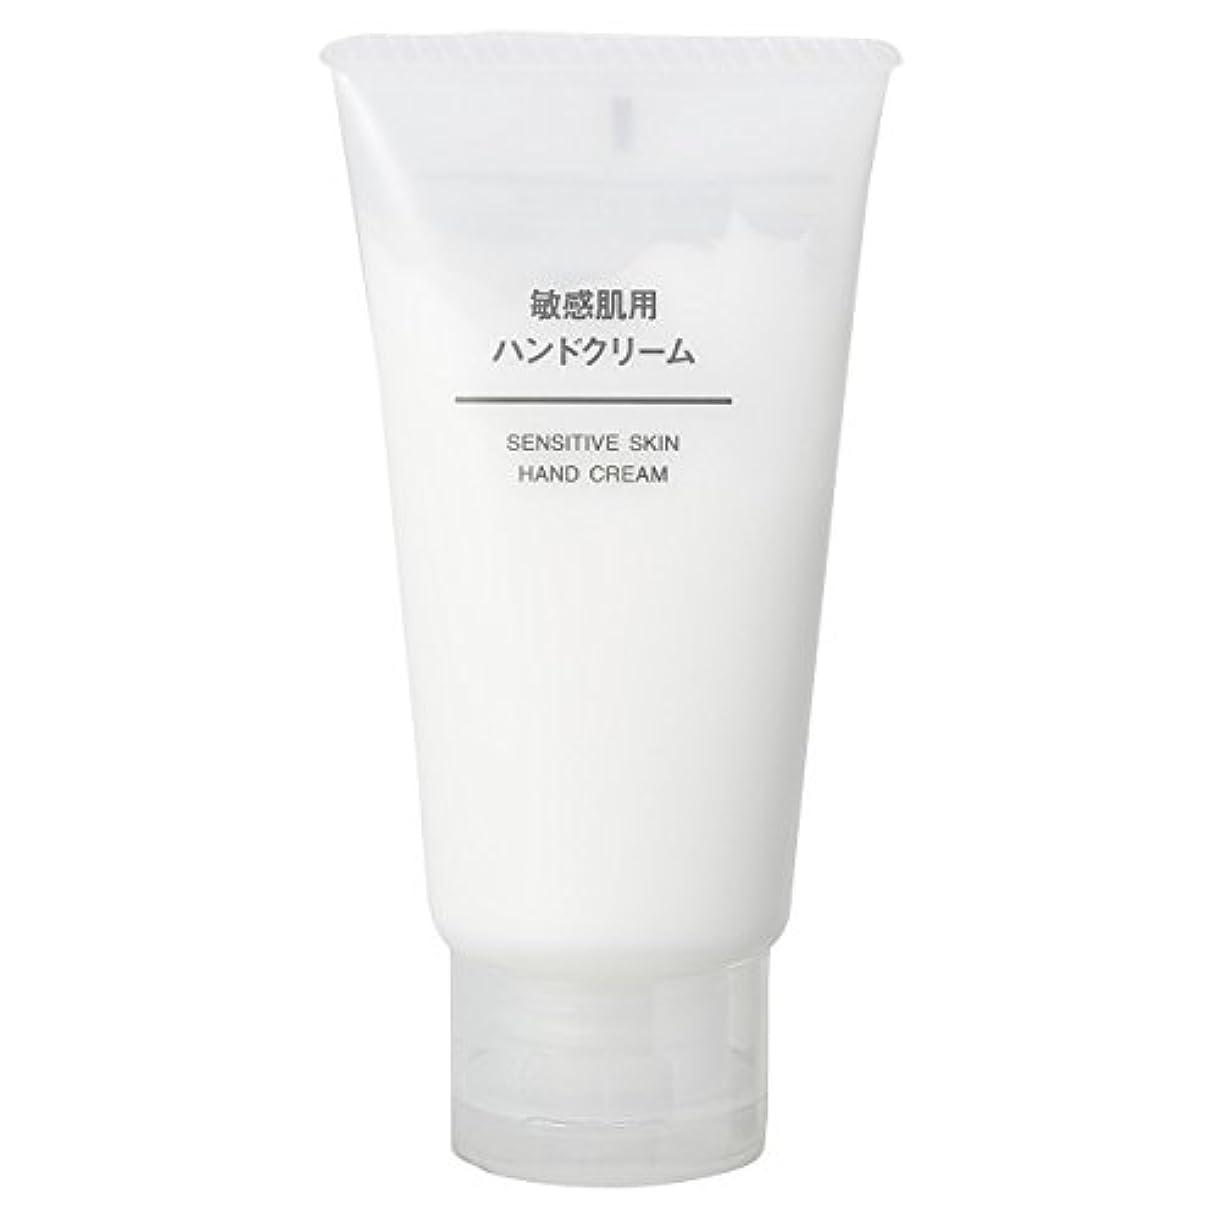 無印良品 敏感肌用 ハンドクリーム 50g 日本製